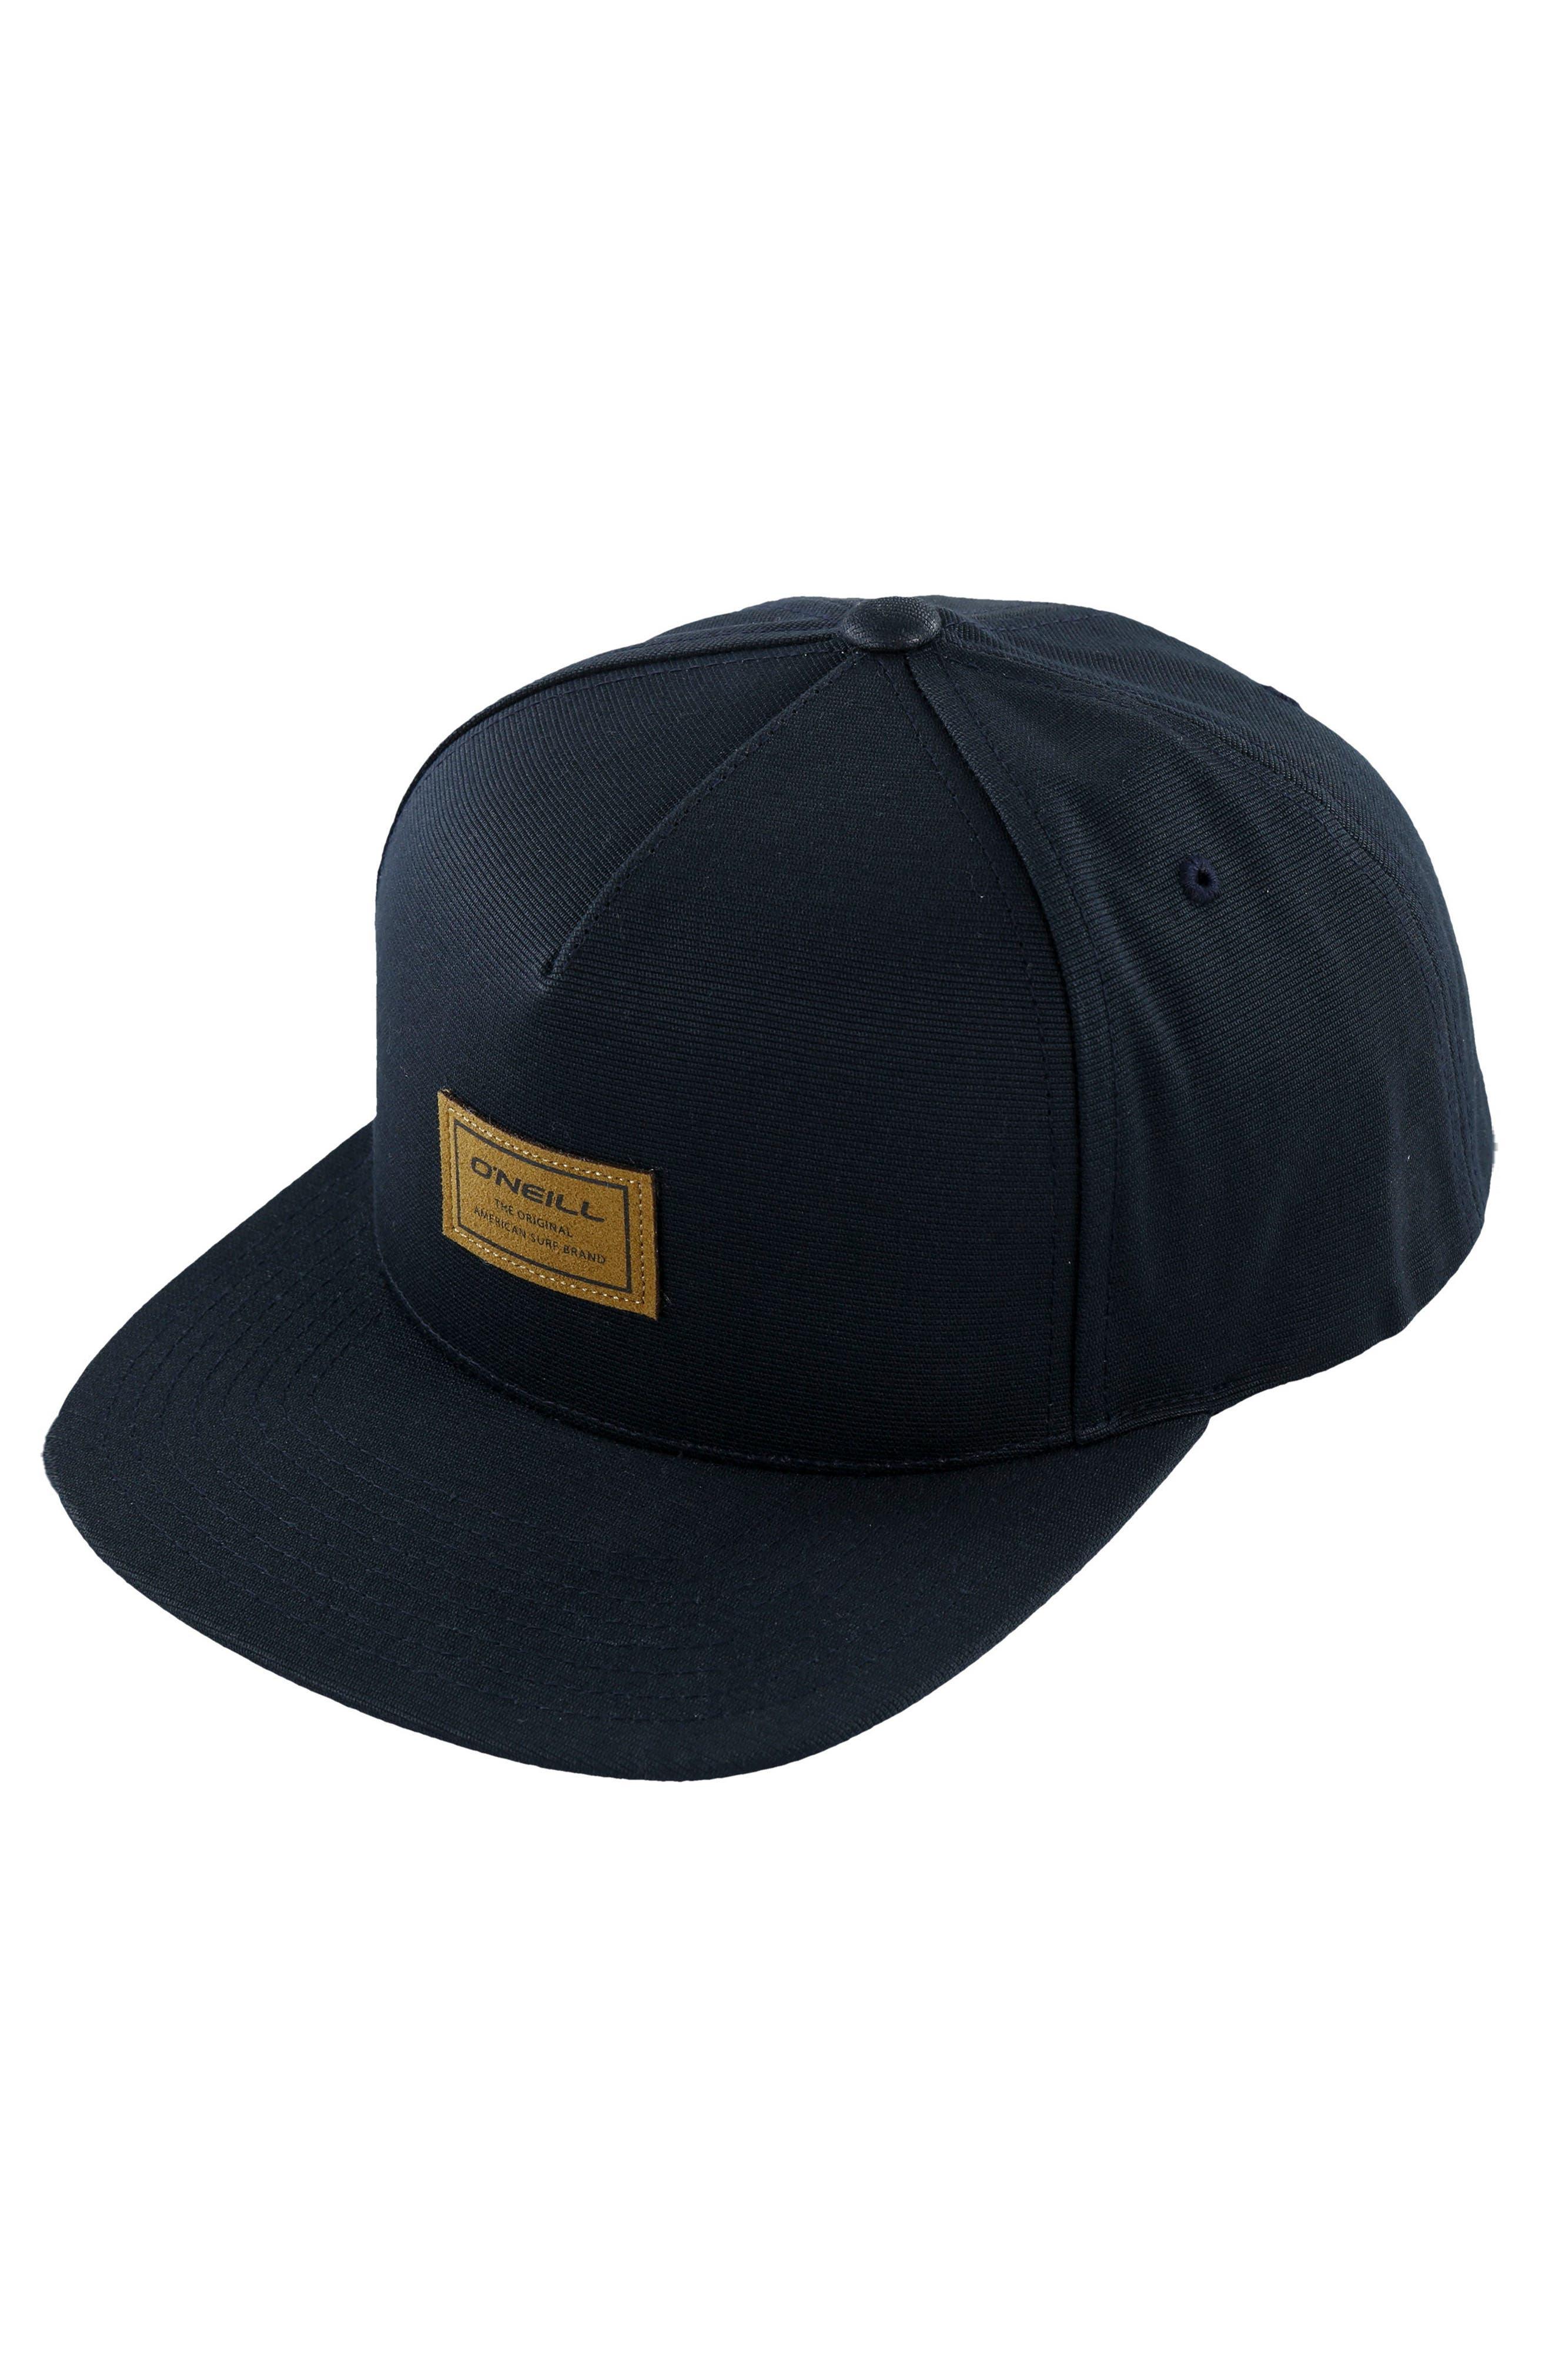 ONEILL Bondai Snapback Cap